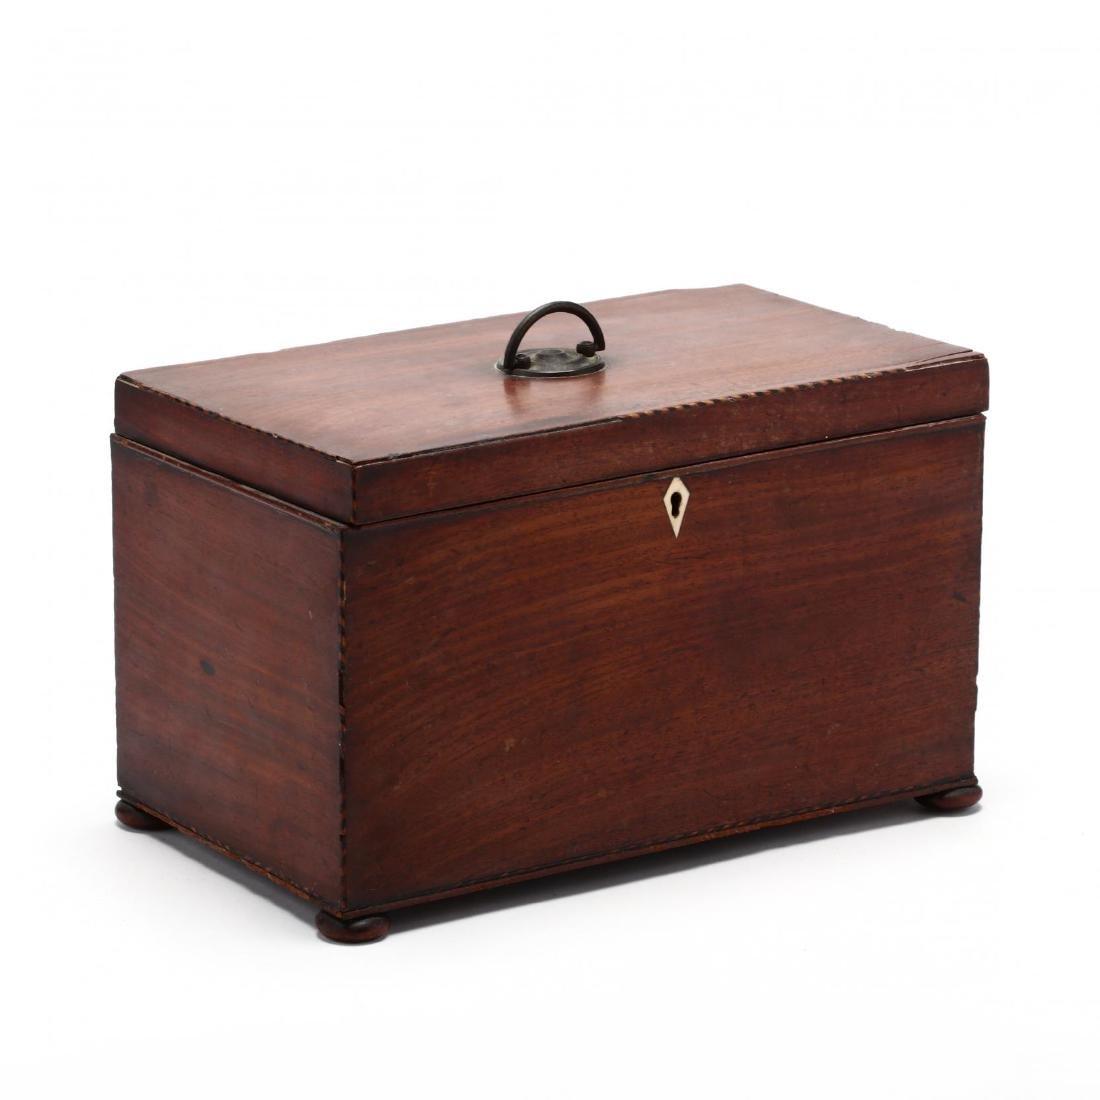 An Antique English Mahogany Valuables Box